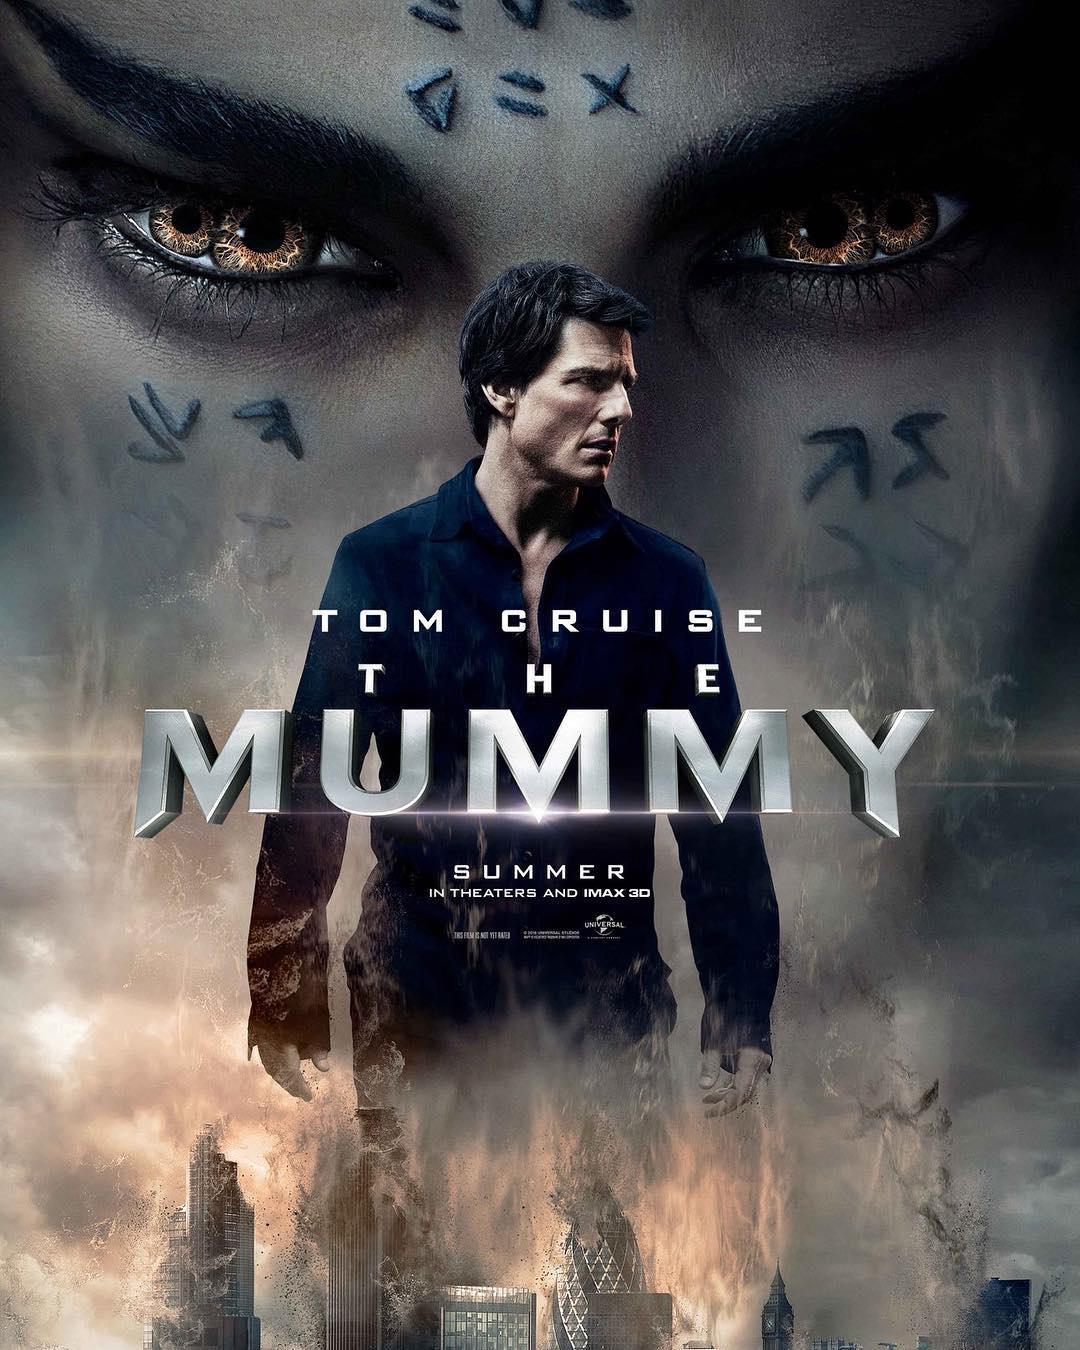 """Tom Cruise phải diễn 64 lần một cảnh """"Xác ướp"""" dù là sao hạng A - 12"""